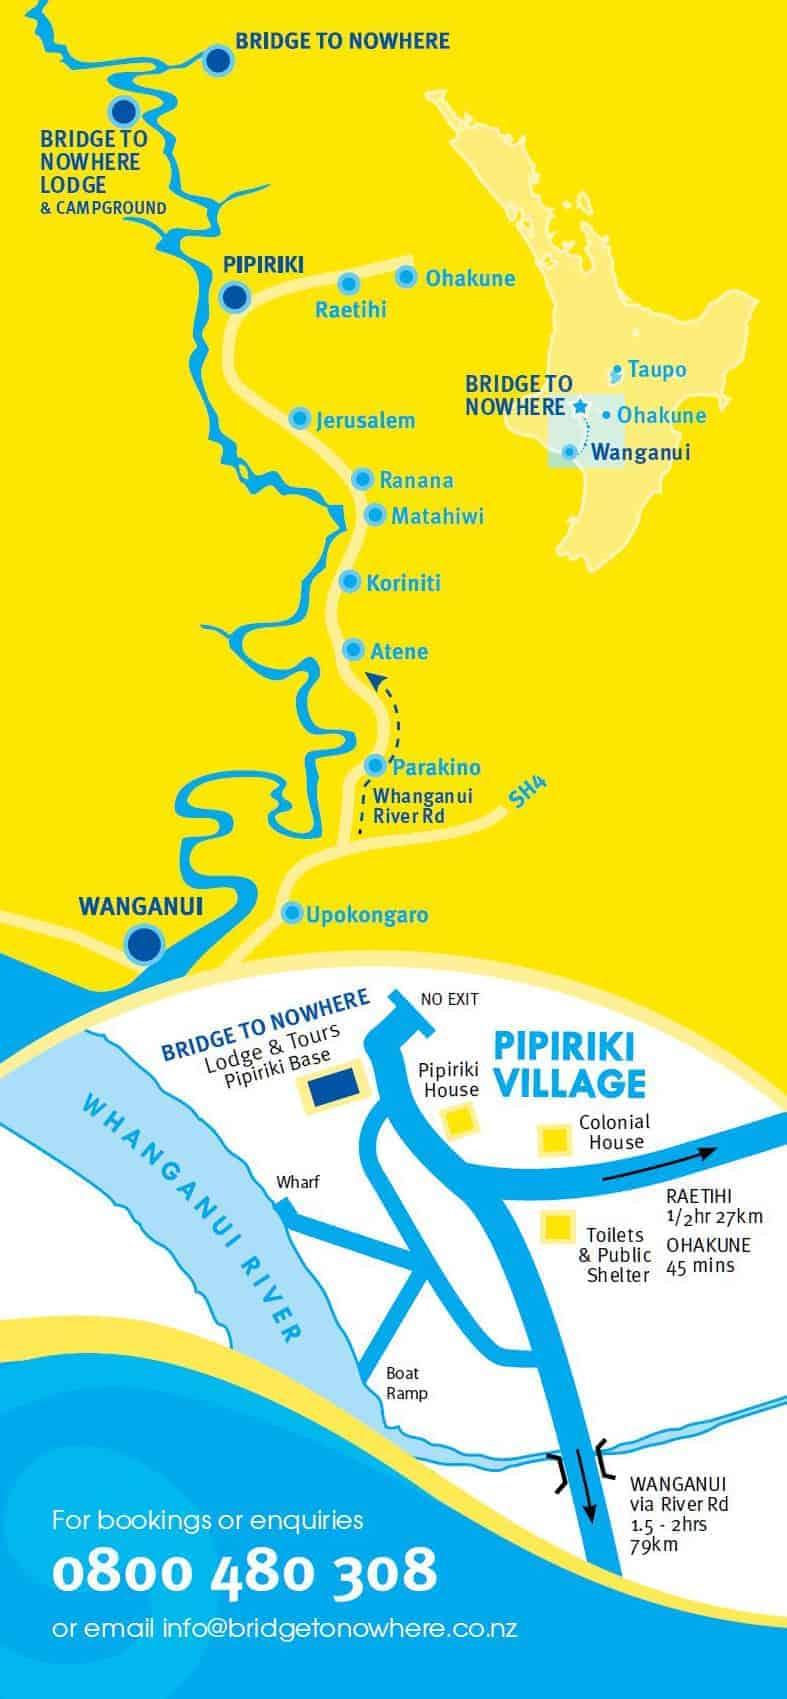 Bridge to Nowhere Tours Map